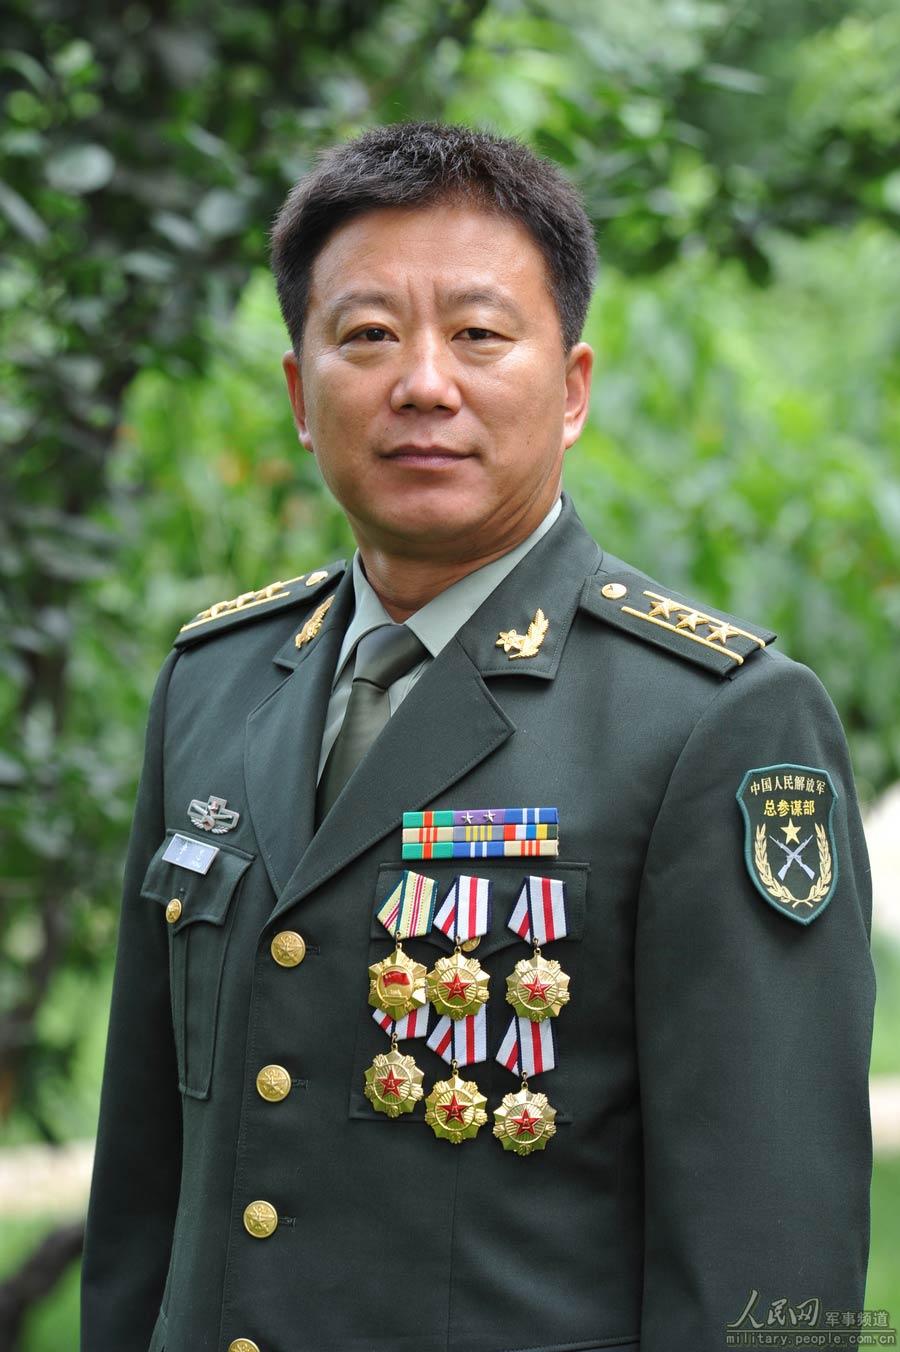 英雄军事五项队 军事 人民网高清图片